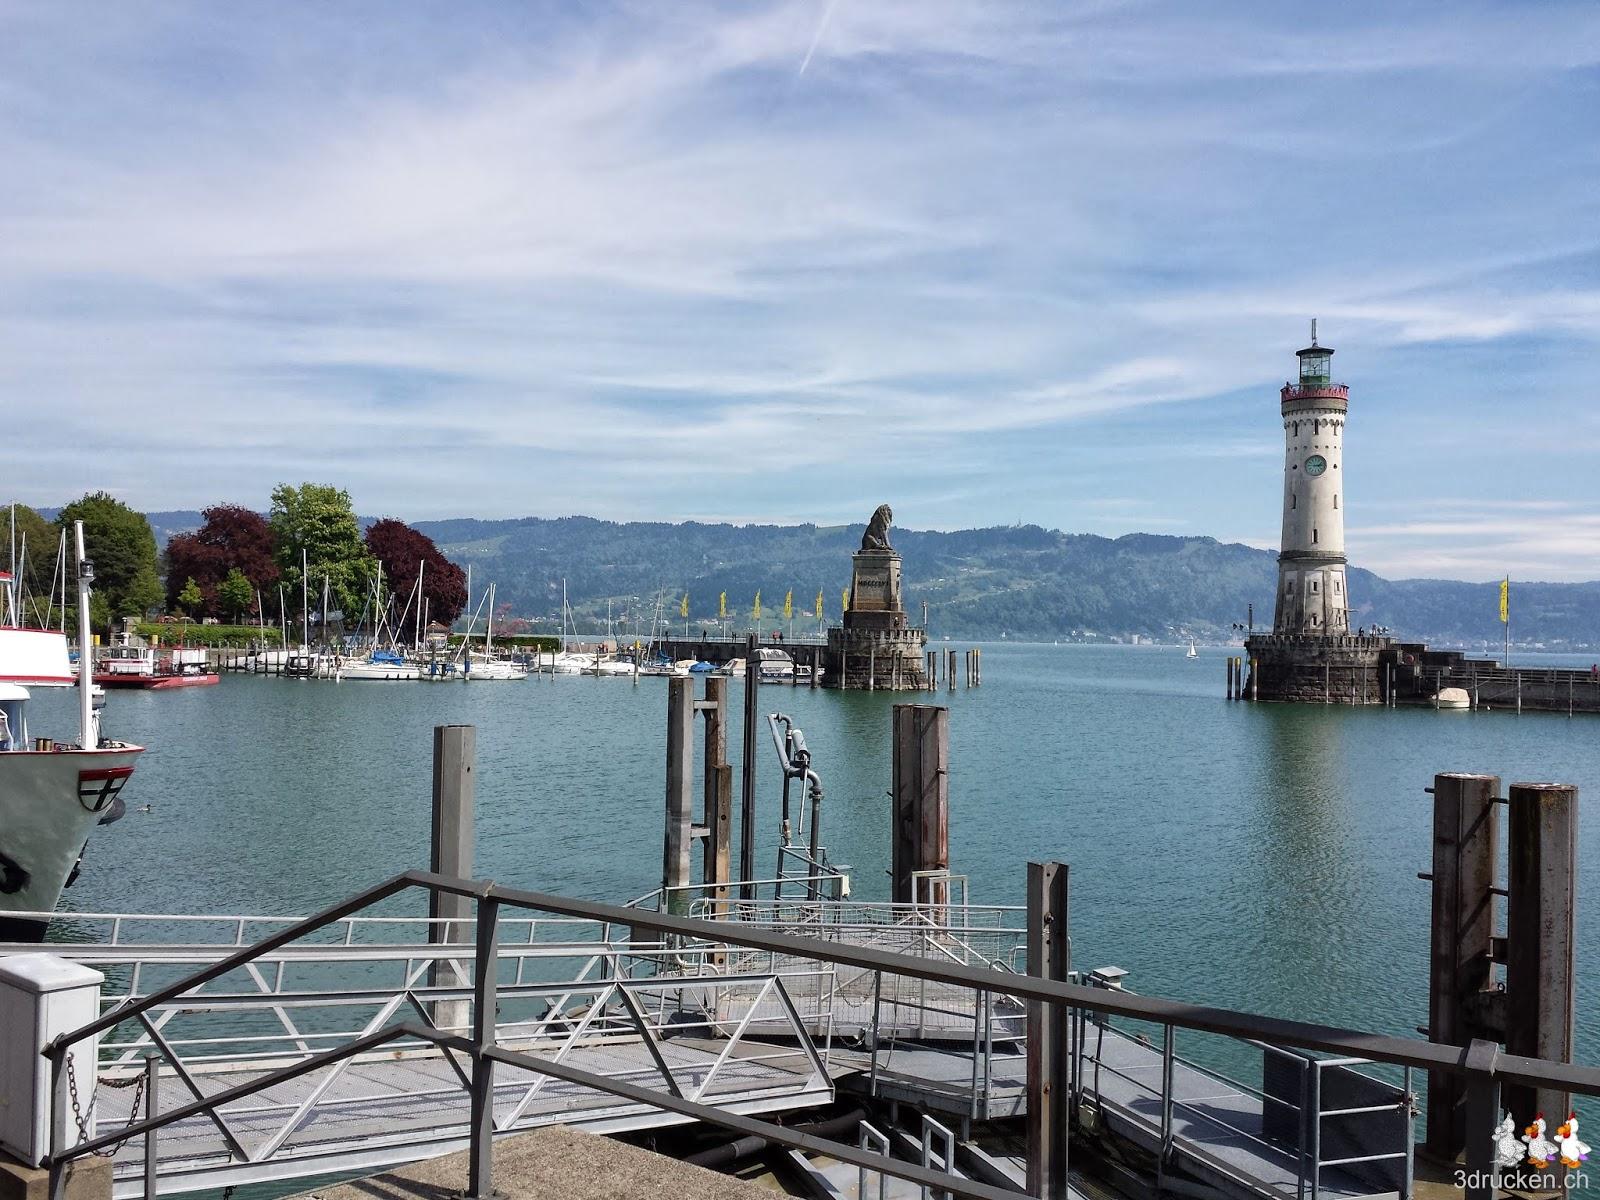 Foto der Hafeneinfahrt von Lindau mit Leuchtturm und Löwe